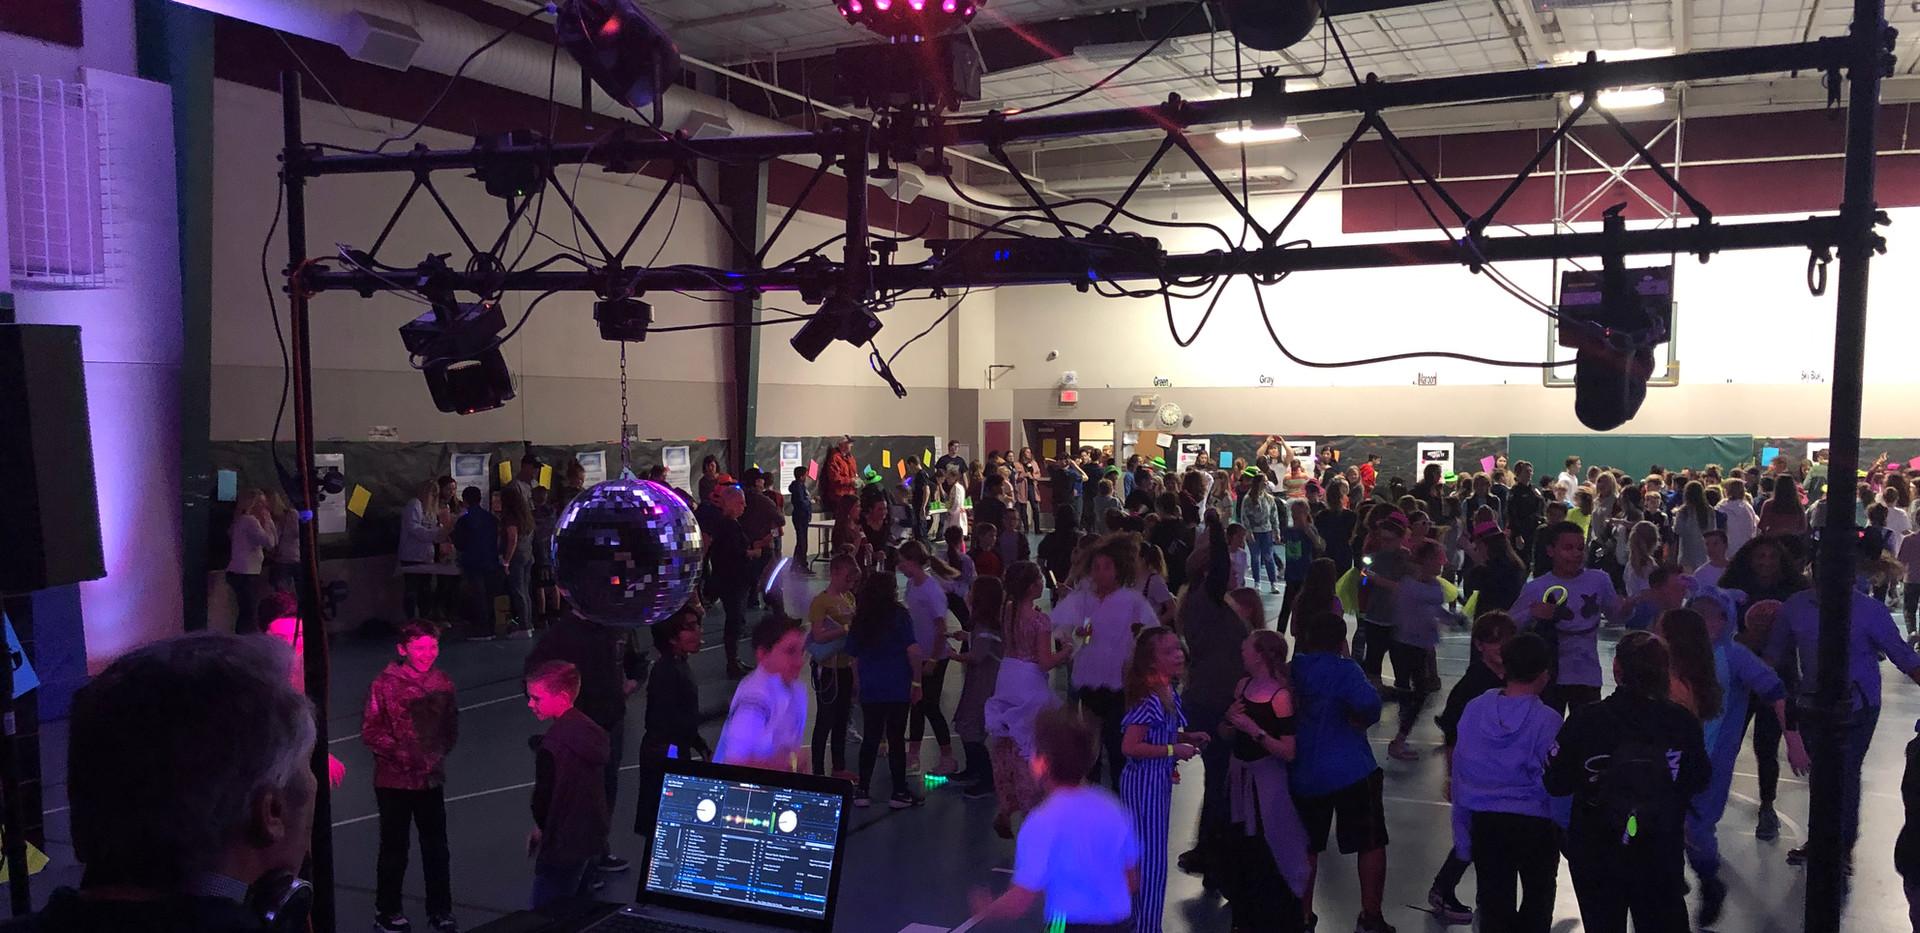 DJ for School Dance